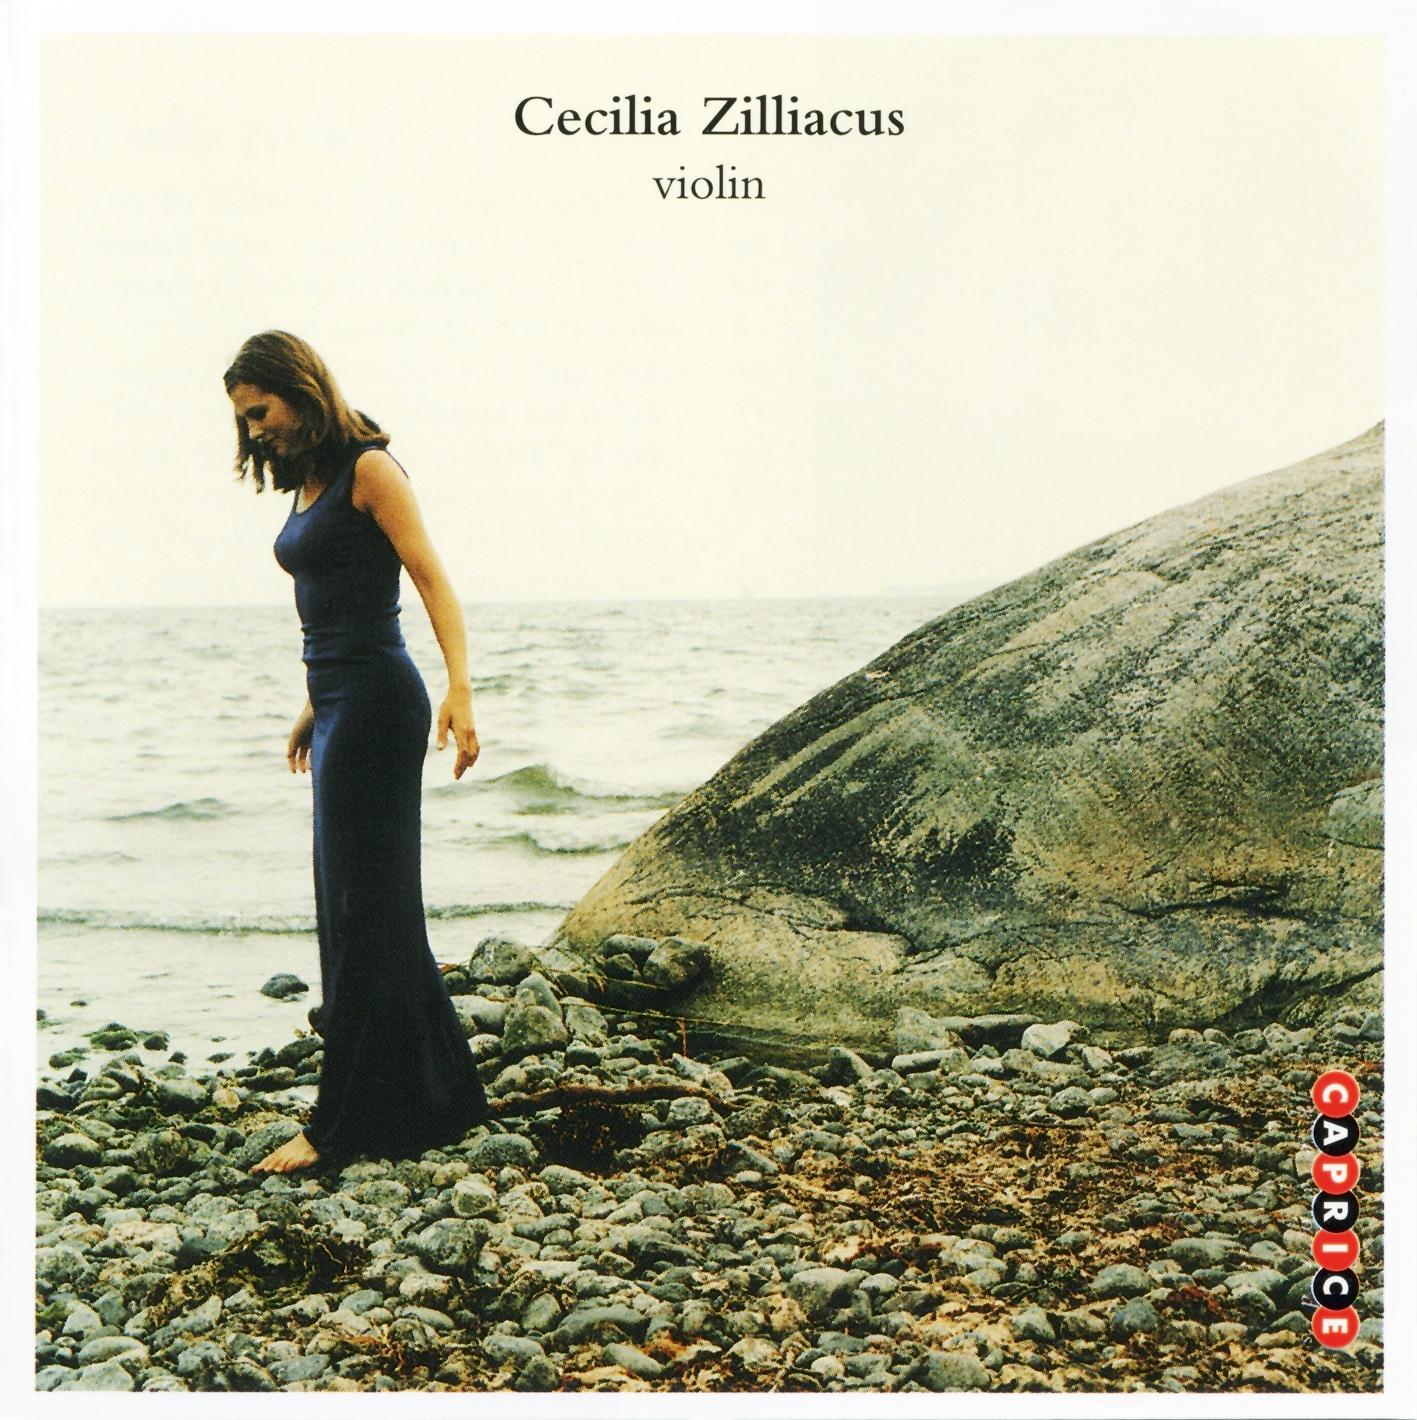 Cecilia Zilliacus, violin